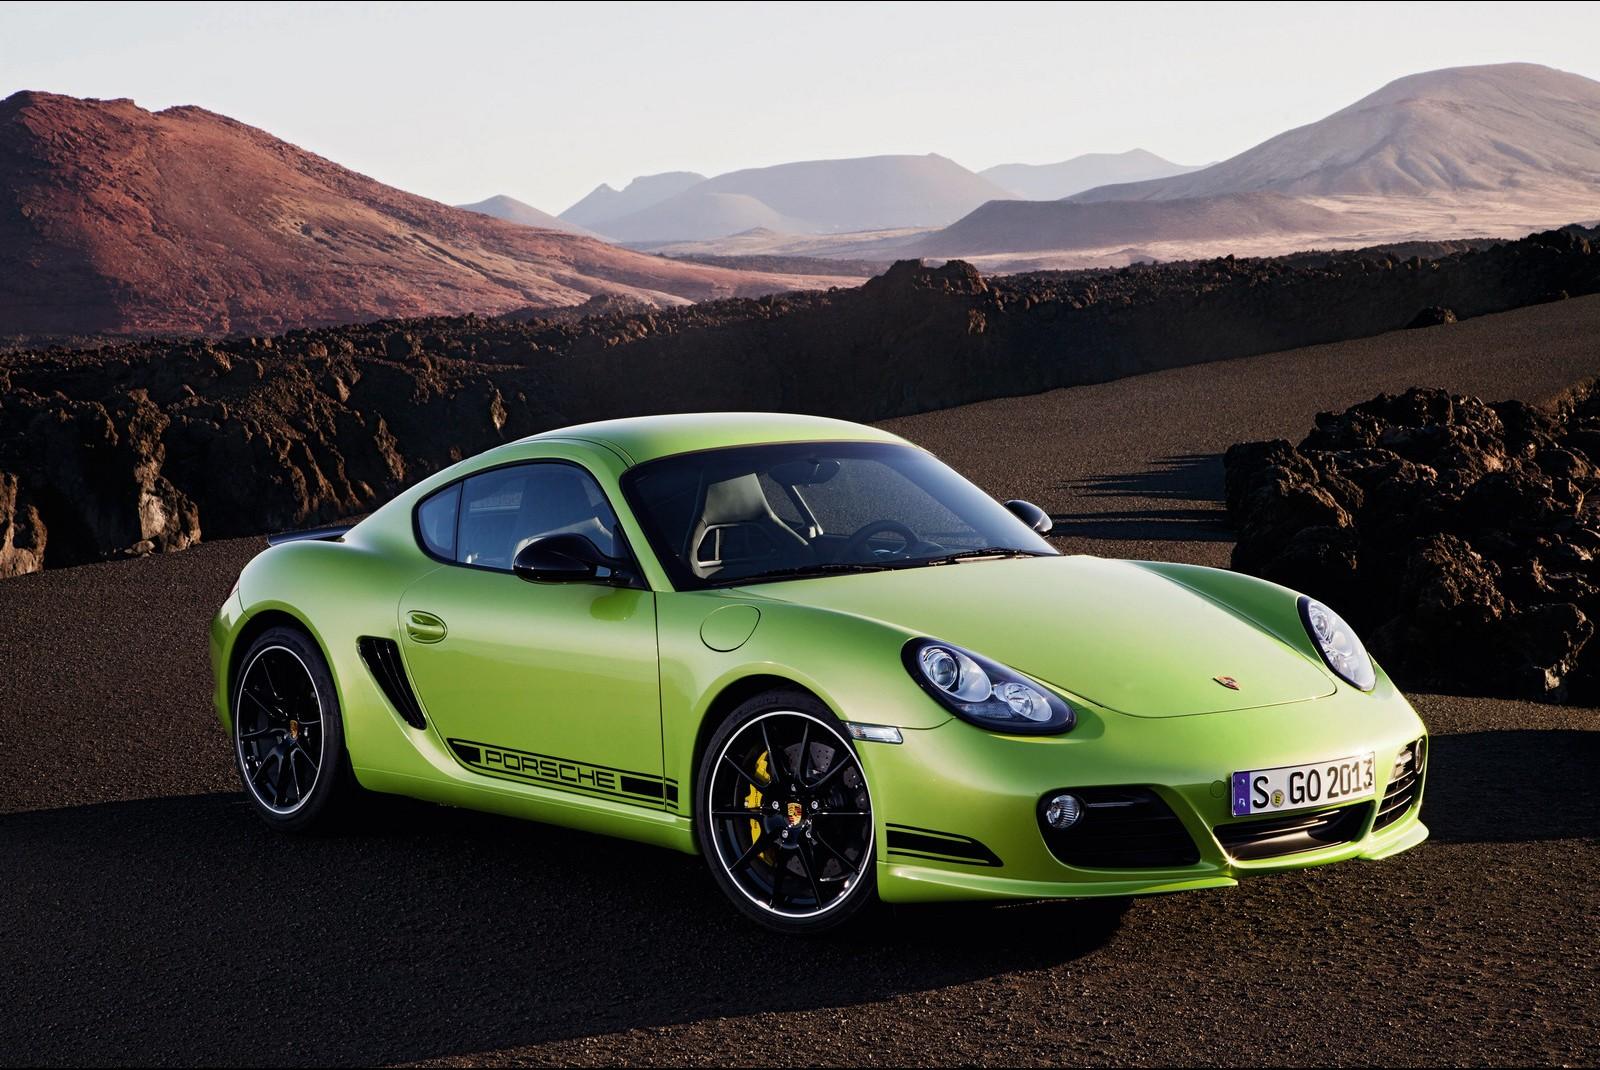 Porsche Cayman R Green Hd Hd Desktop Wallpapers 4k Hd